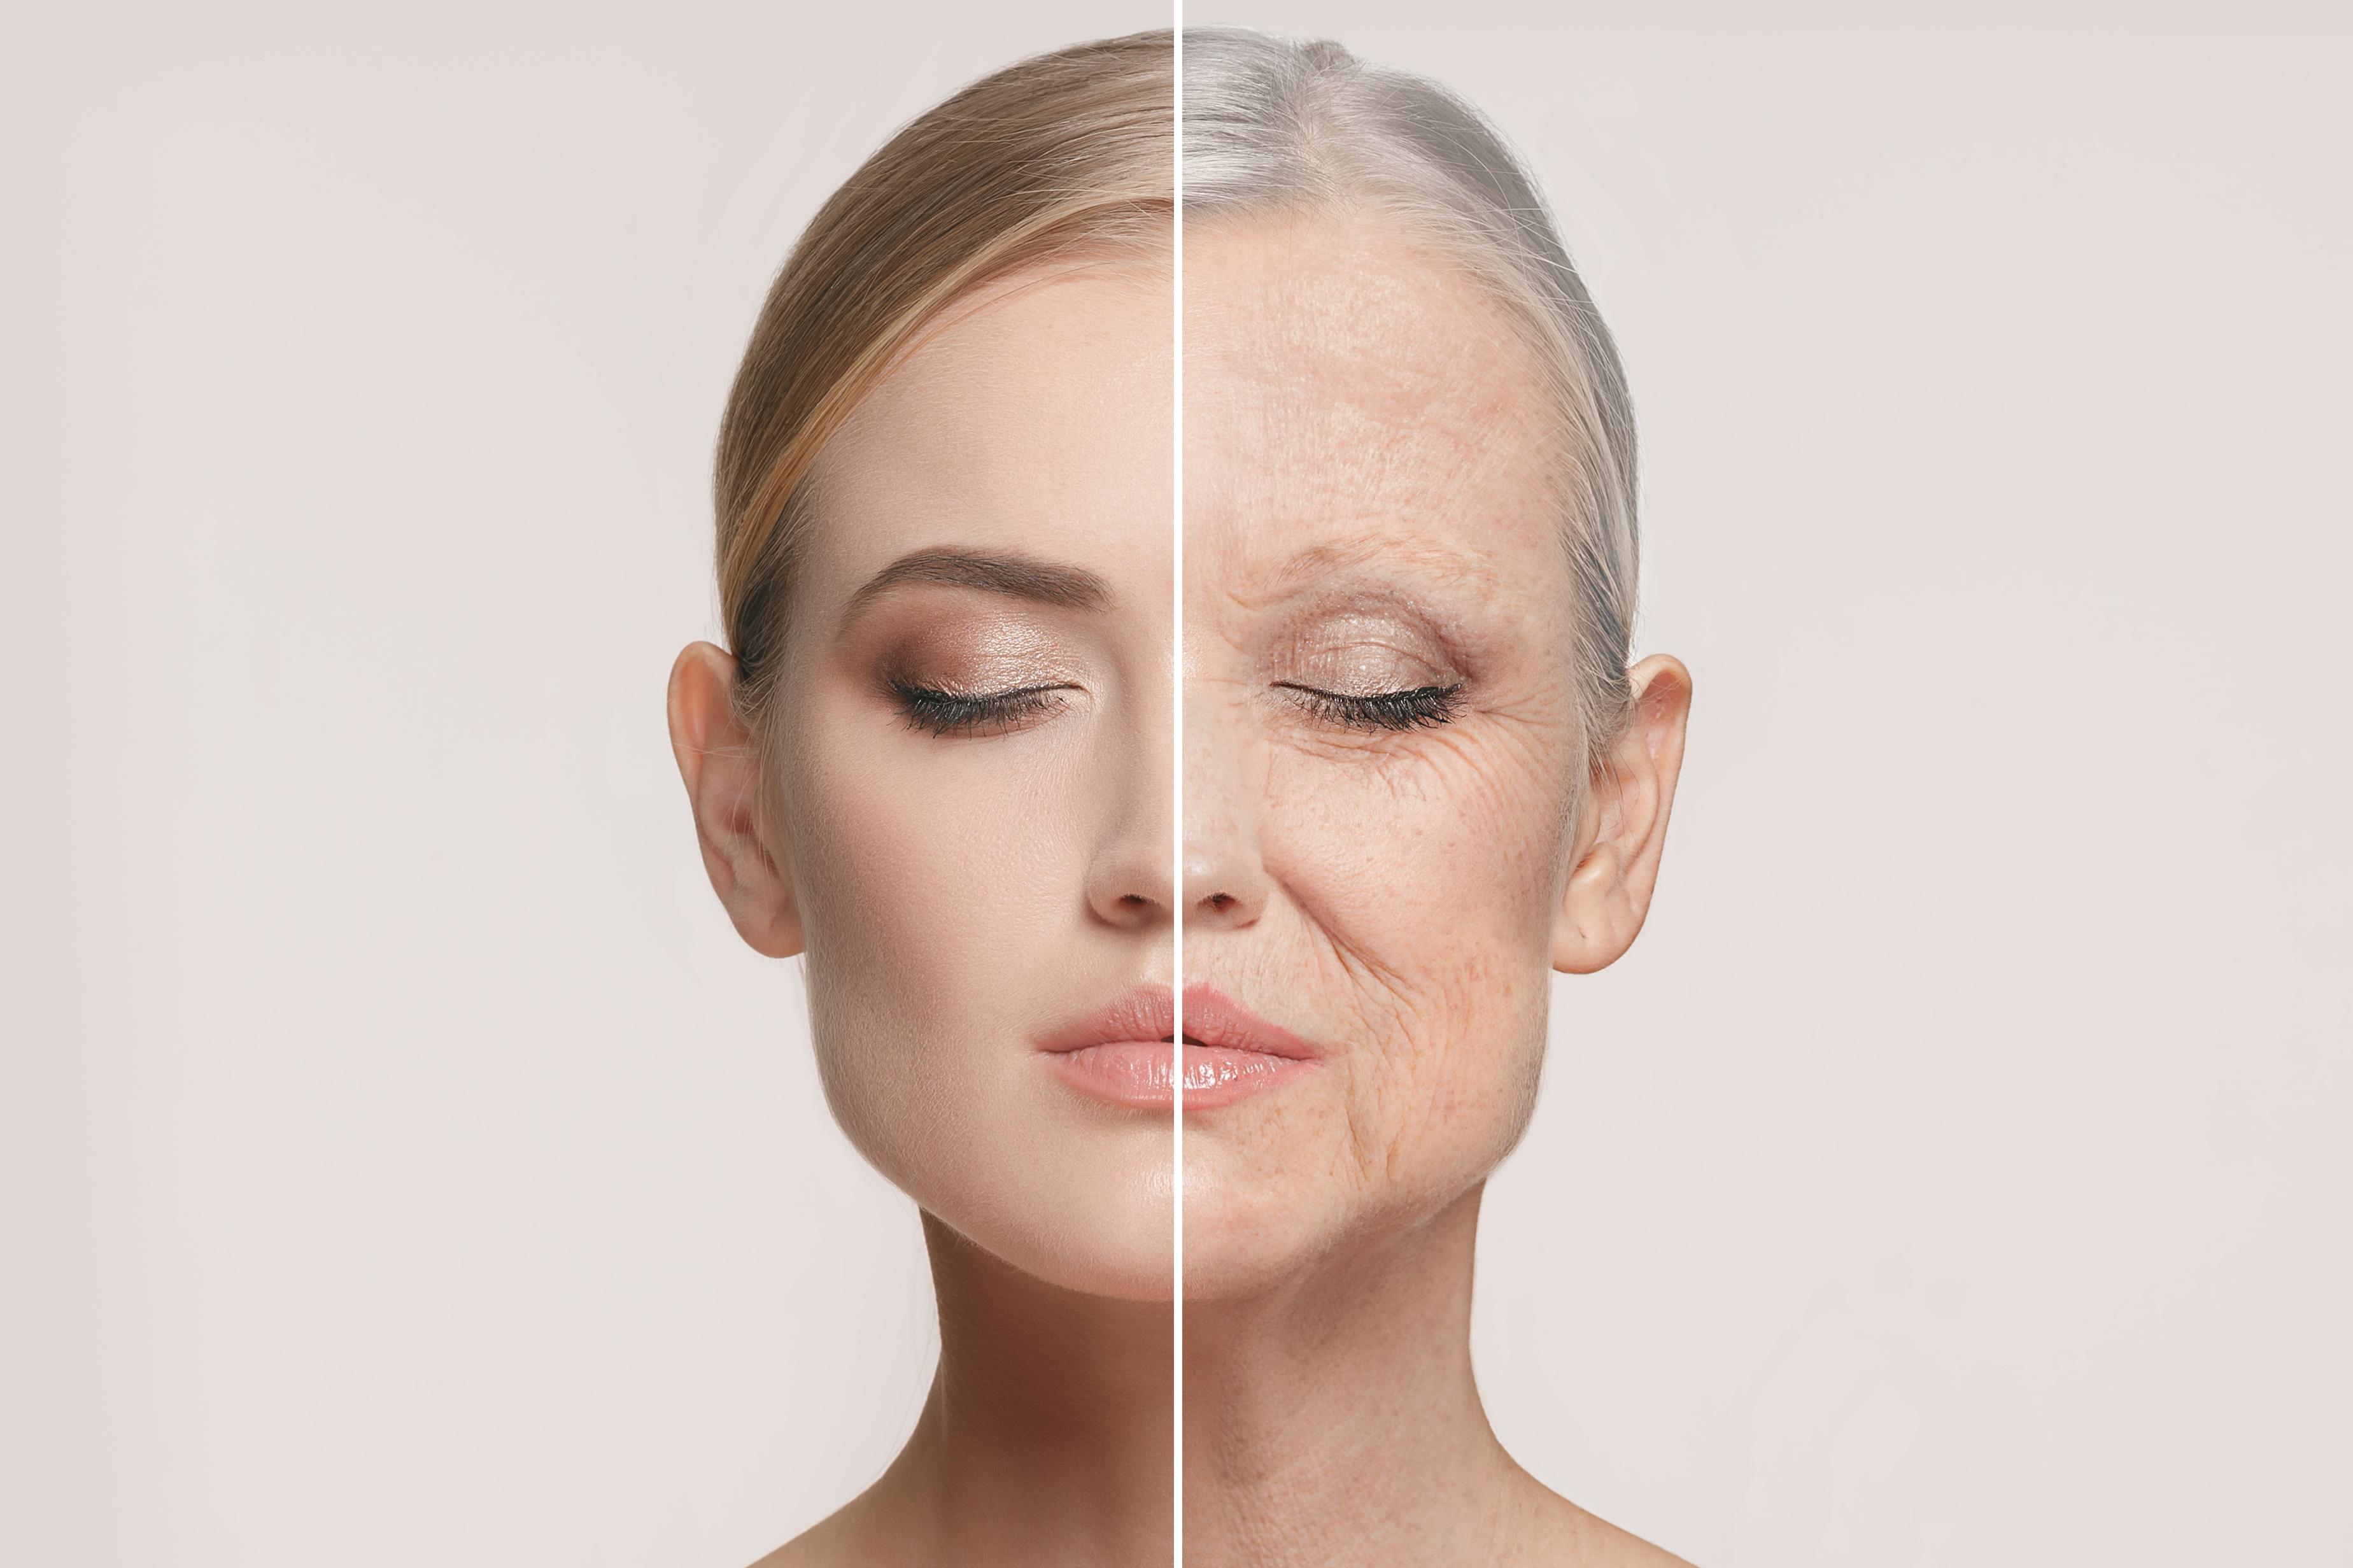 Який вік у наших органів і як це впливає на здоров'я